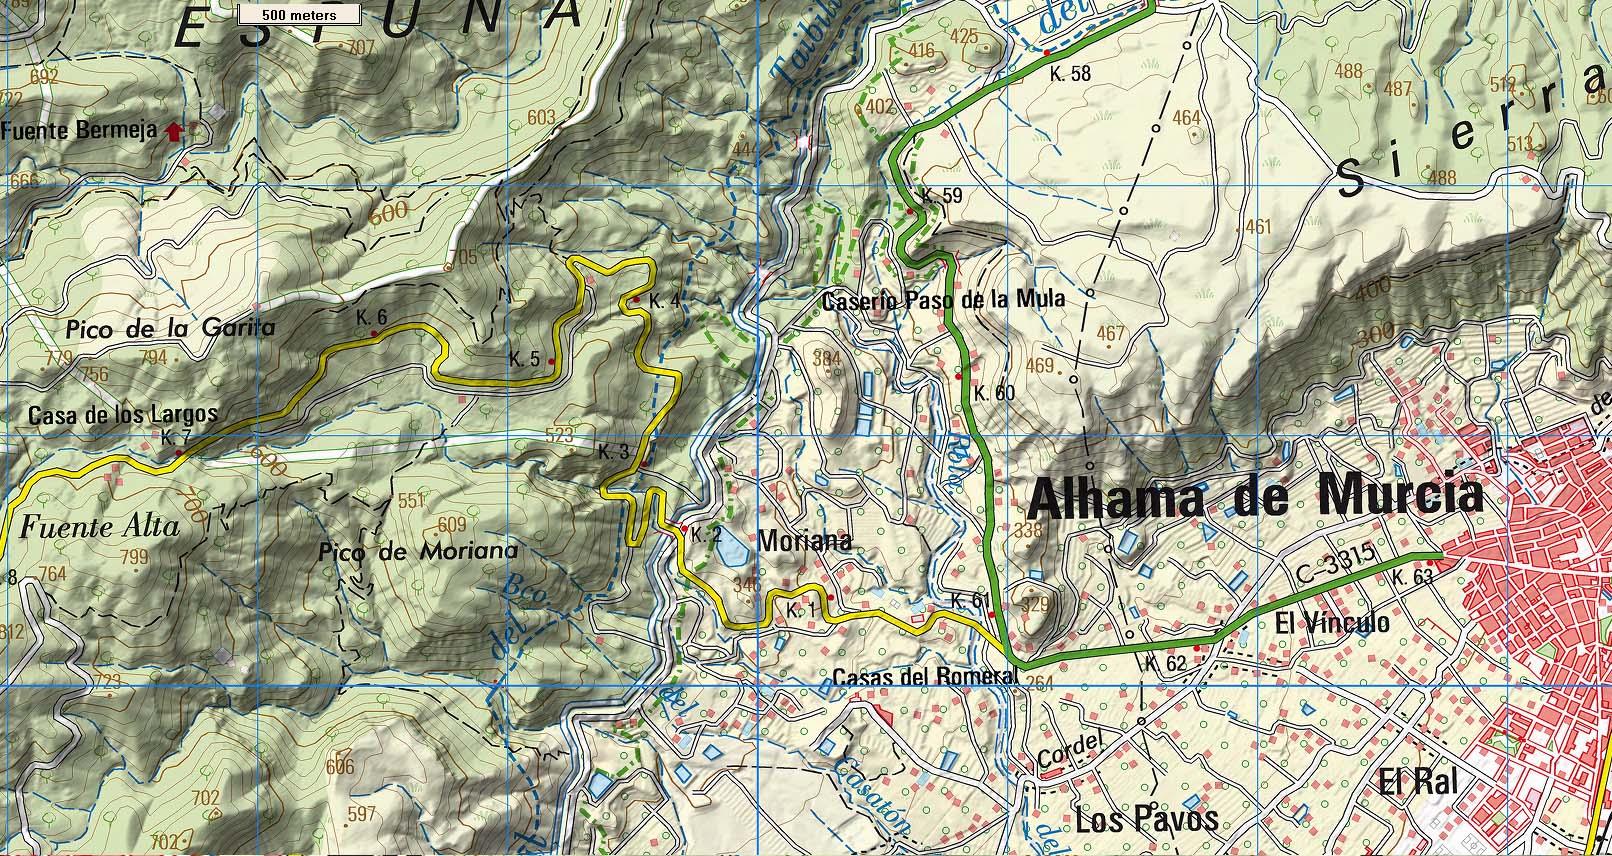 Carte Espagne Topographique.Cartes Espagne 1 25 000 Et 1 50 000 Horizon Dunes